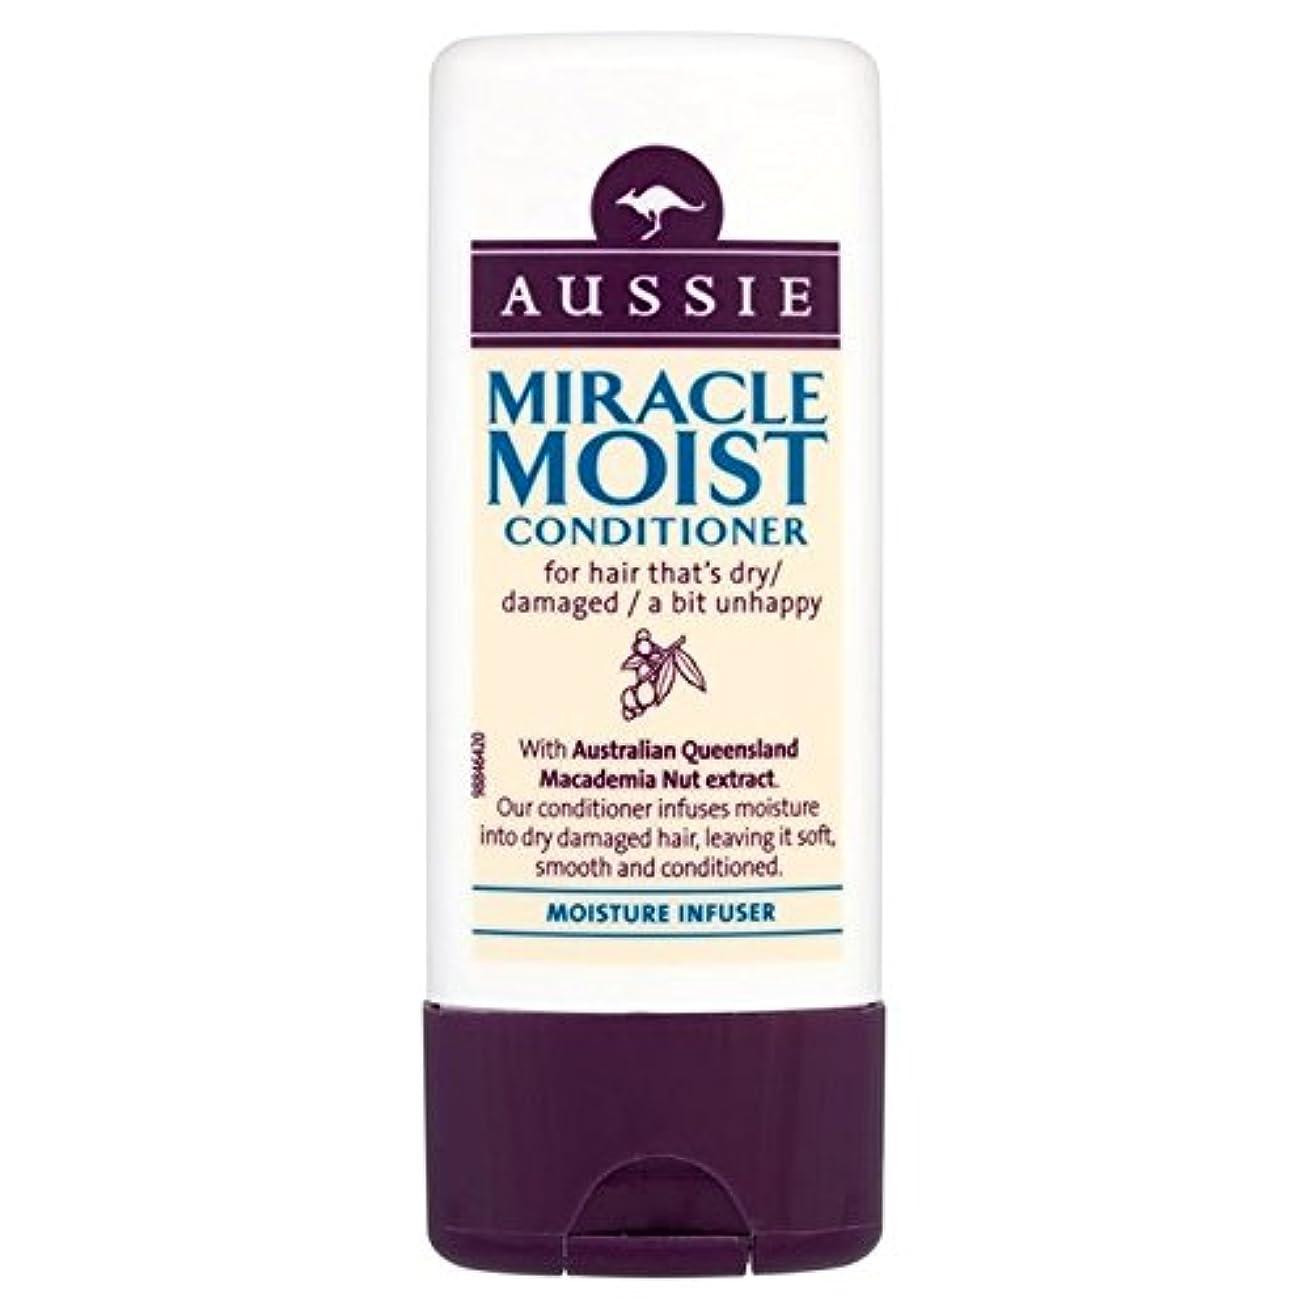 判読できないパワーセル肘掛け椅子Aussie Miracle Moist Travel Conditioner 75ml (Pack of 6) - オージー奇跡湿った旅行コンディショナー75ミリリットル x6 [並行輸入品]